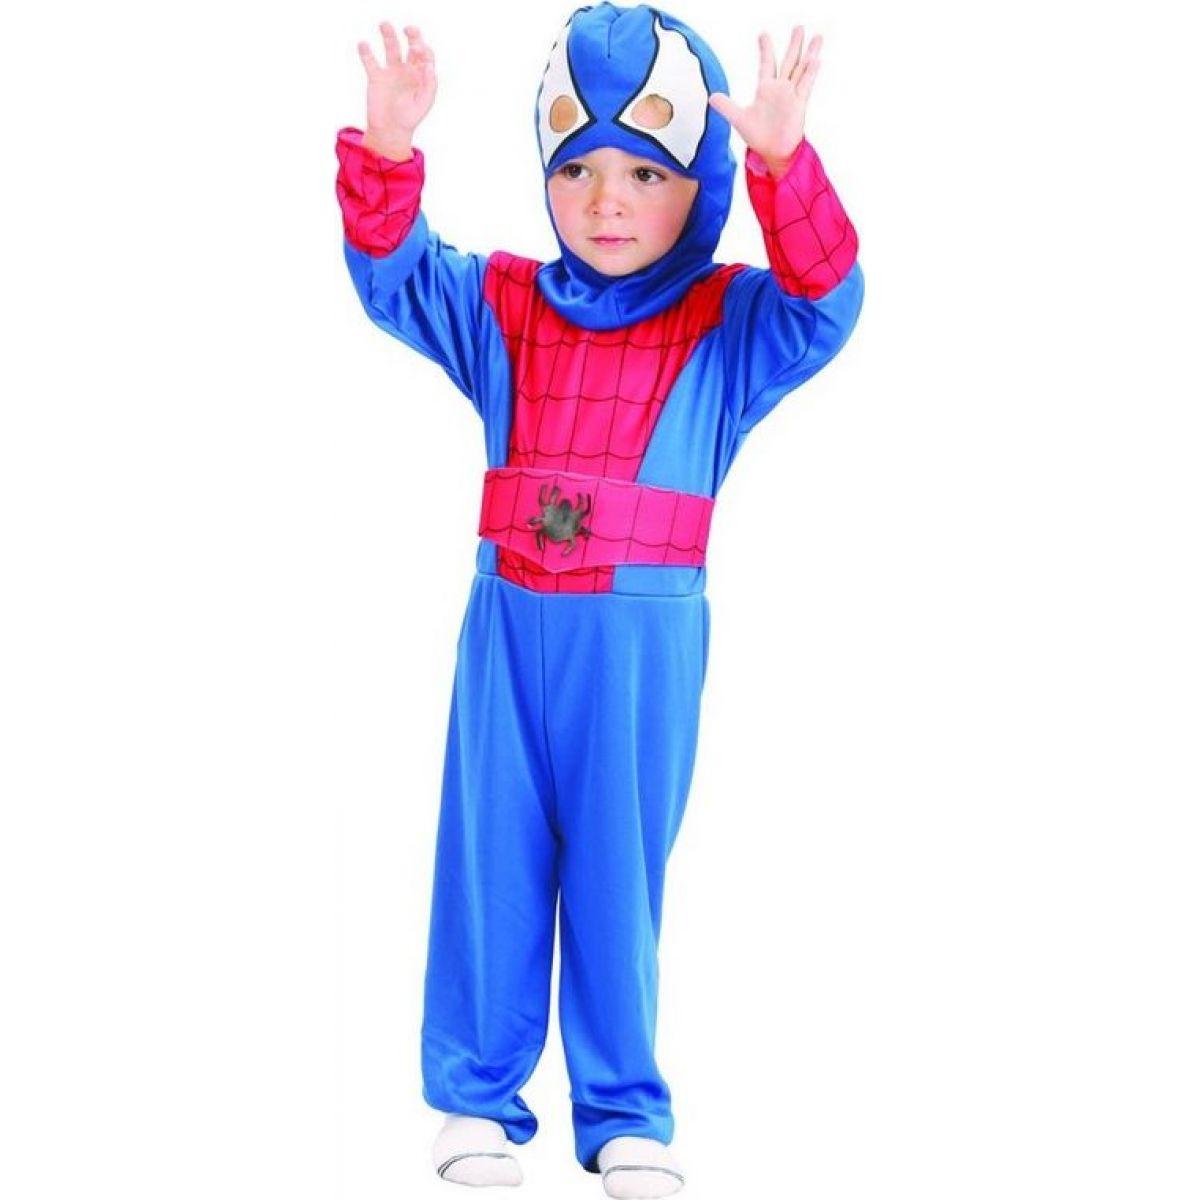 Made Dětský karnevalový kostým Pavoučí hrdina 92-104 cm